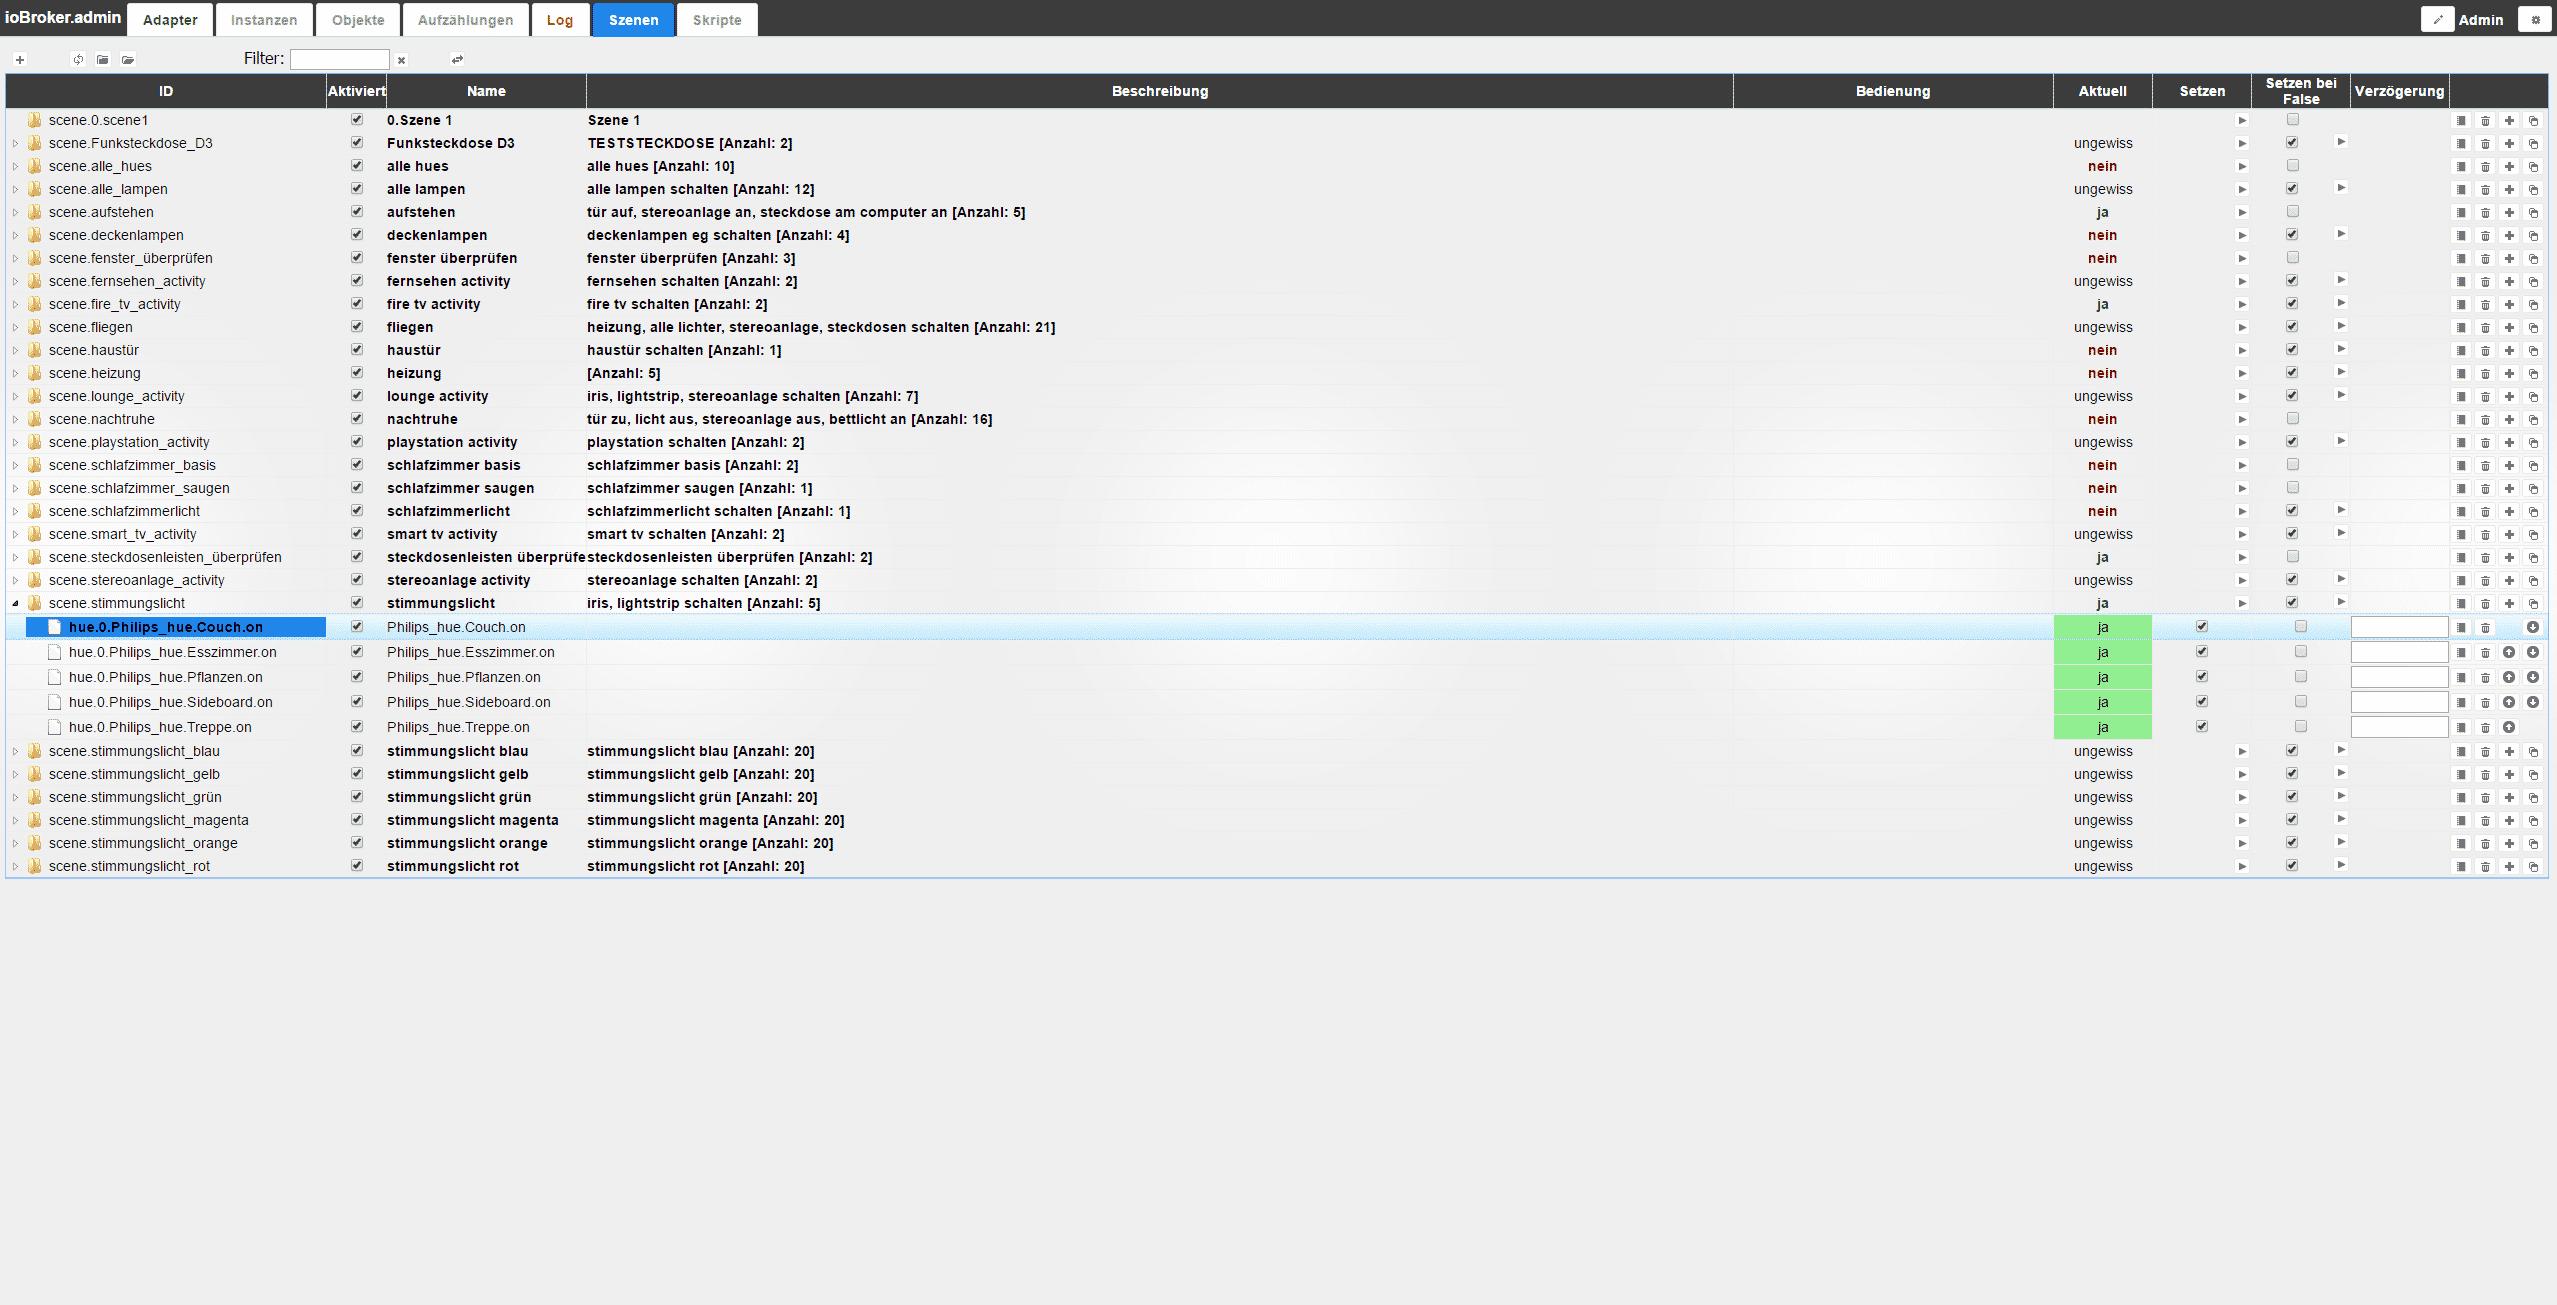 Szenen-in-ioBroker-erstellen-und-mit-Amazon-Alexa-steuern-11